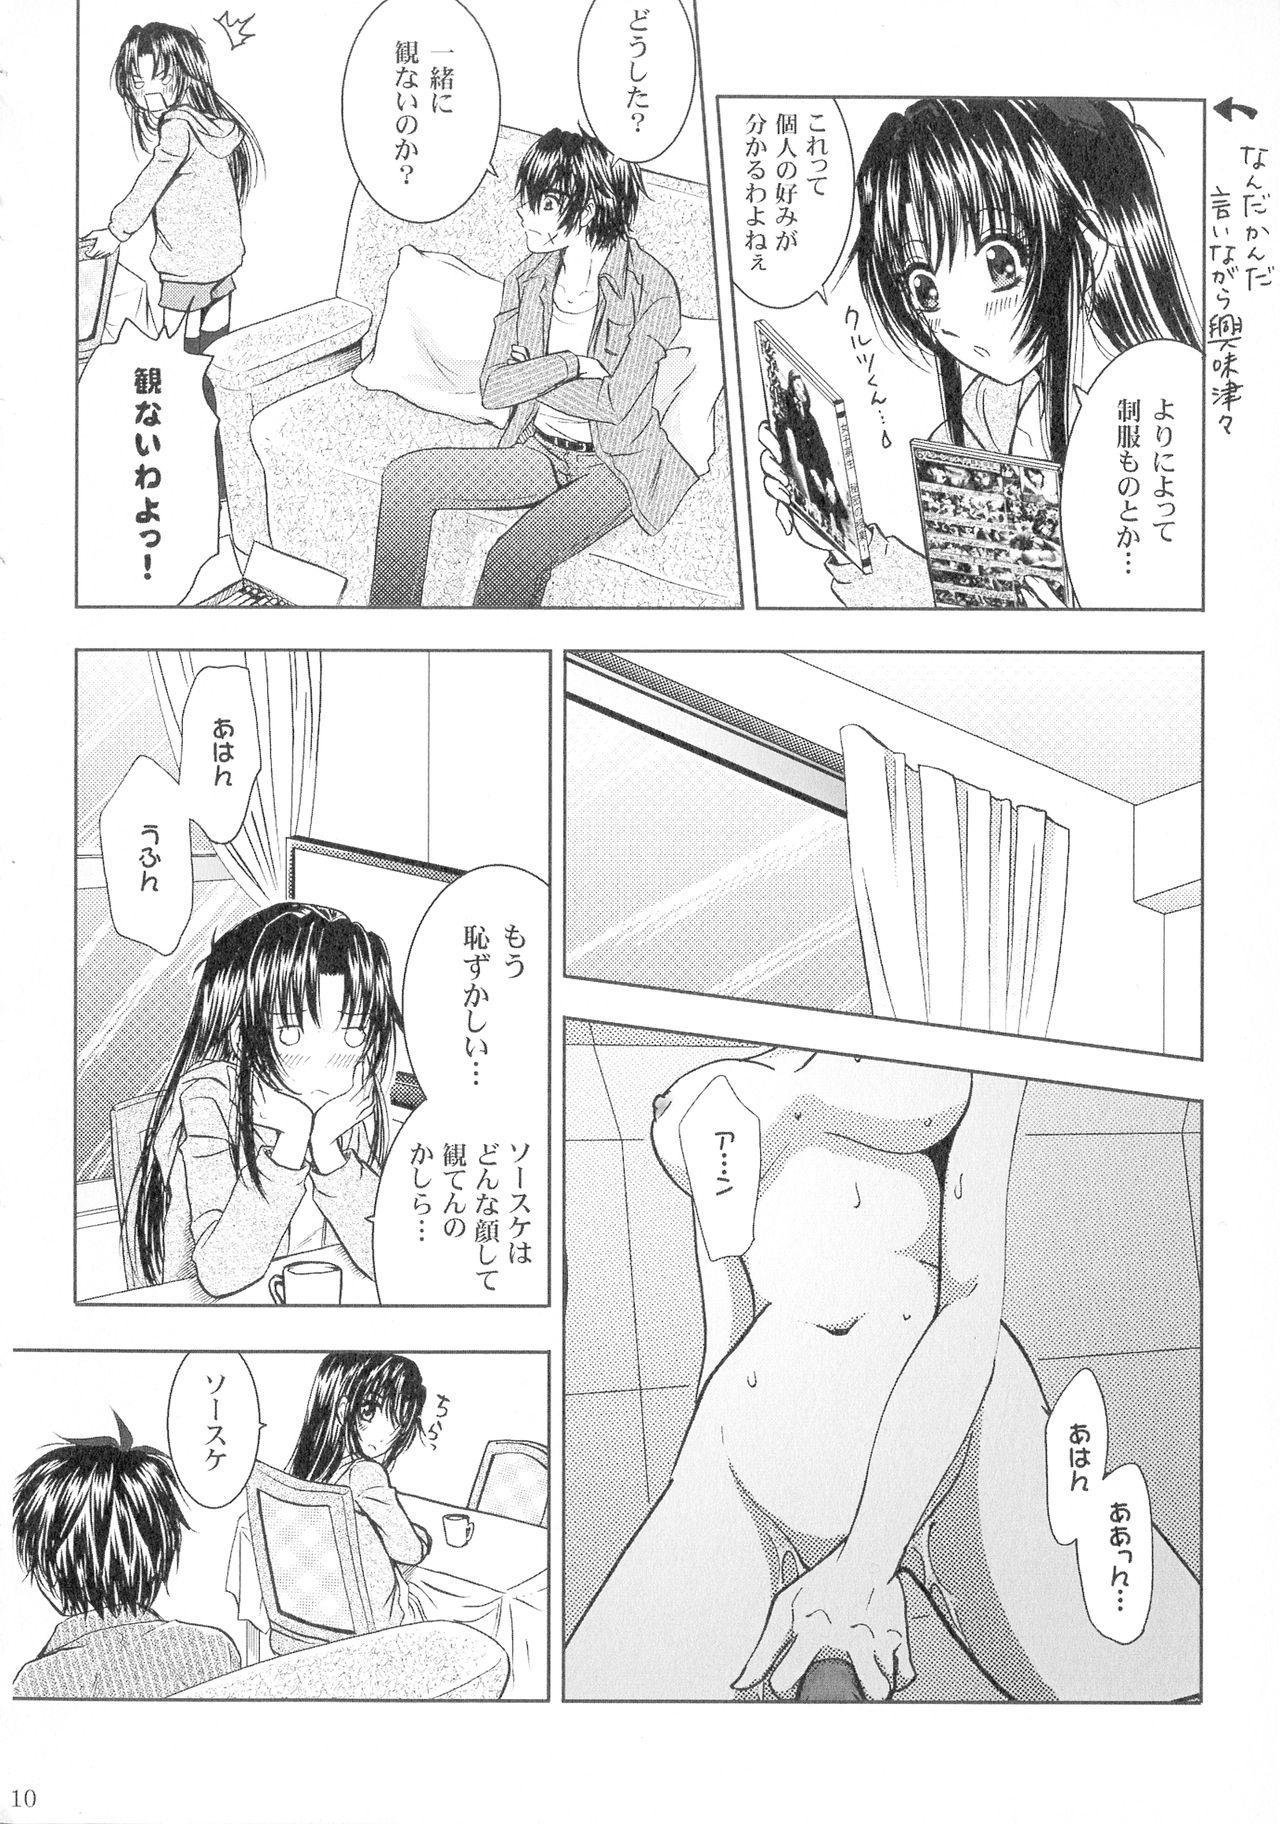 SEXY PANIC Sairoku-shuu VOL.3 9